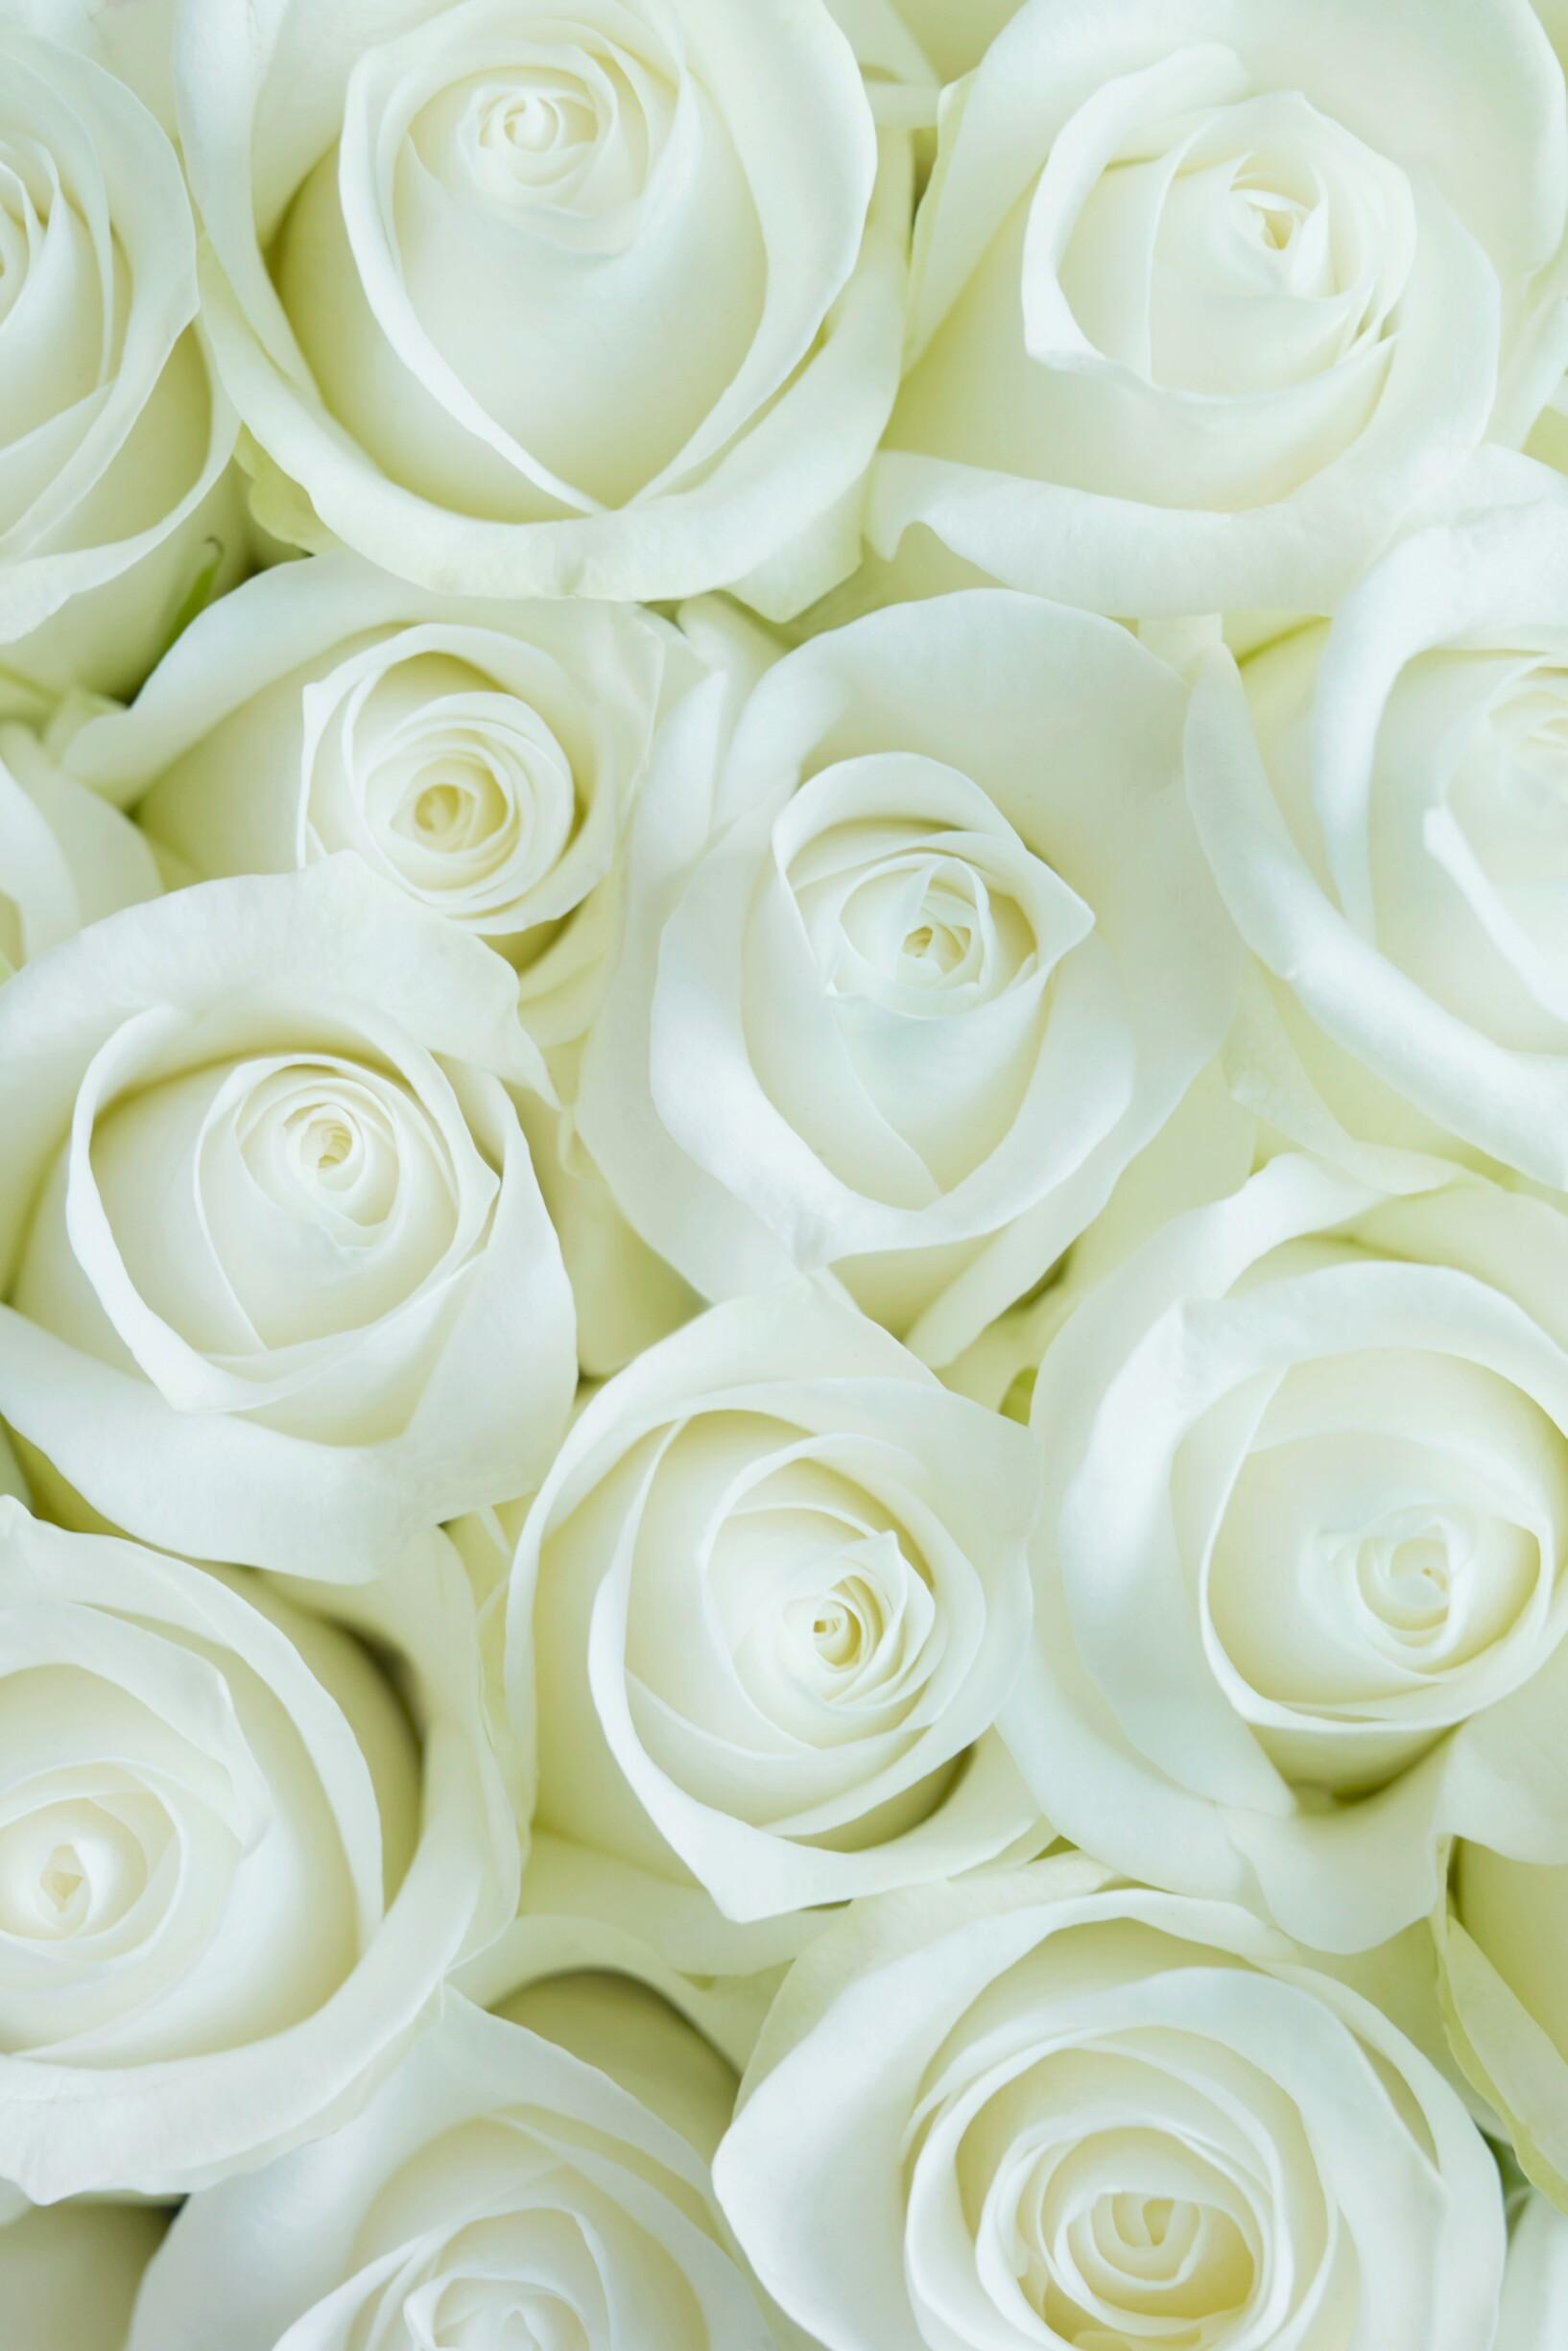 White Roses Wallpaper 1